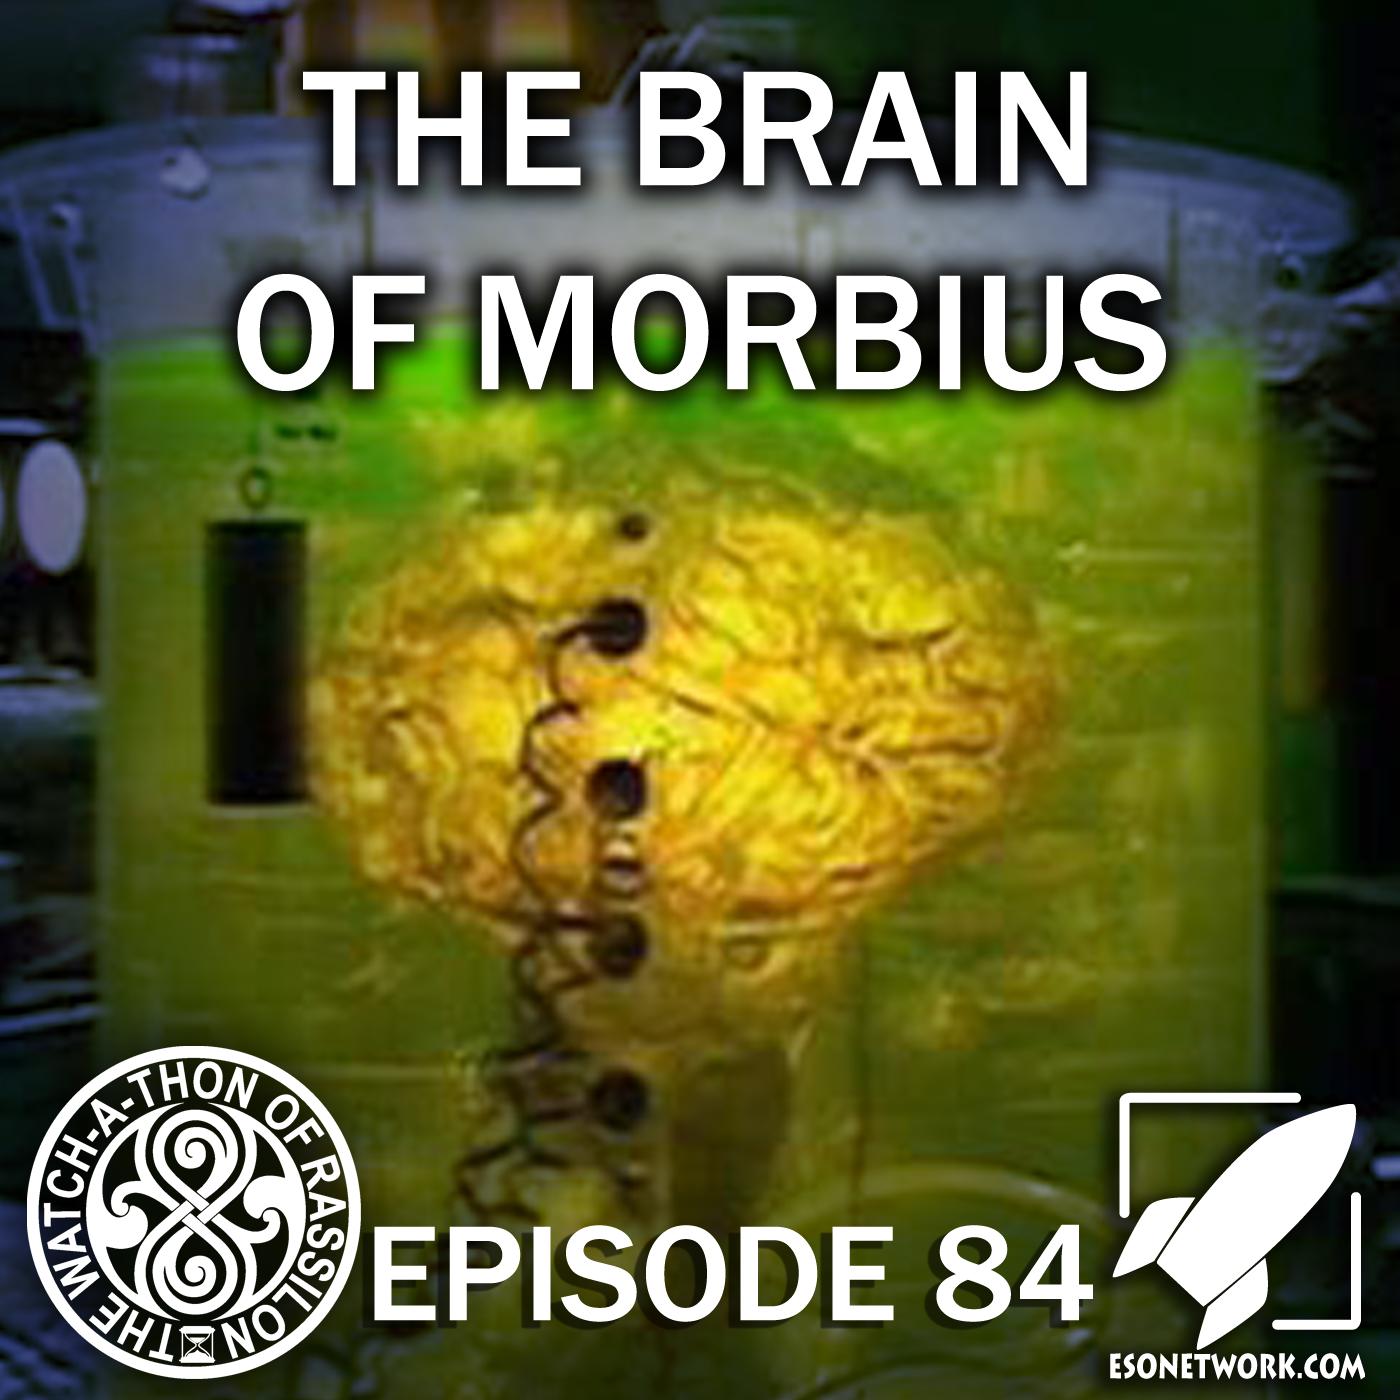 Episode 84: The Brain of Morbius